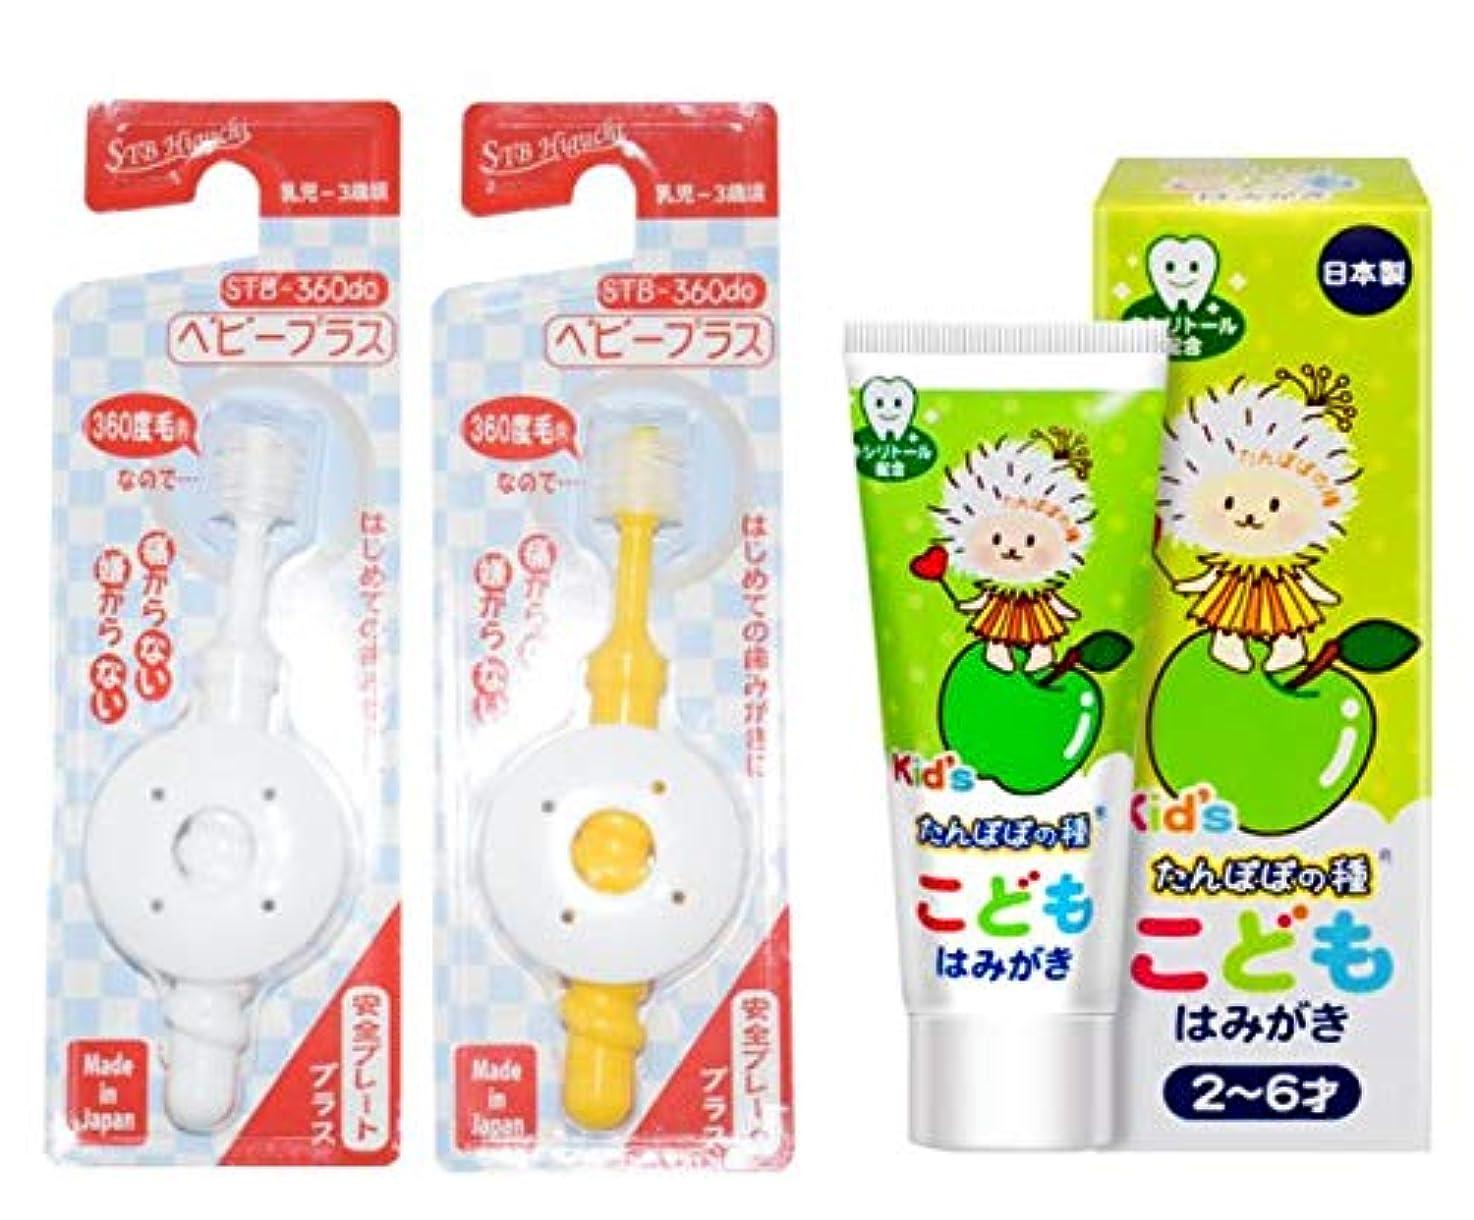 プラスチックケージ遺跡STB-360do ベビープラス 360度歯ブラシ 2本 子供用ハミガキ粉セット